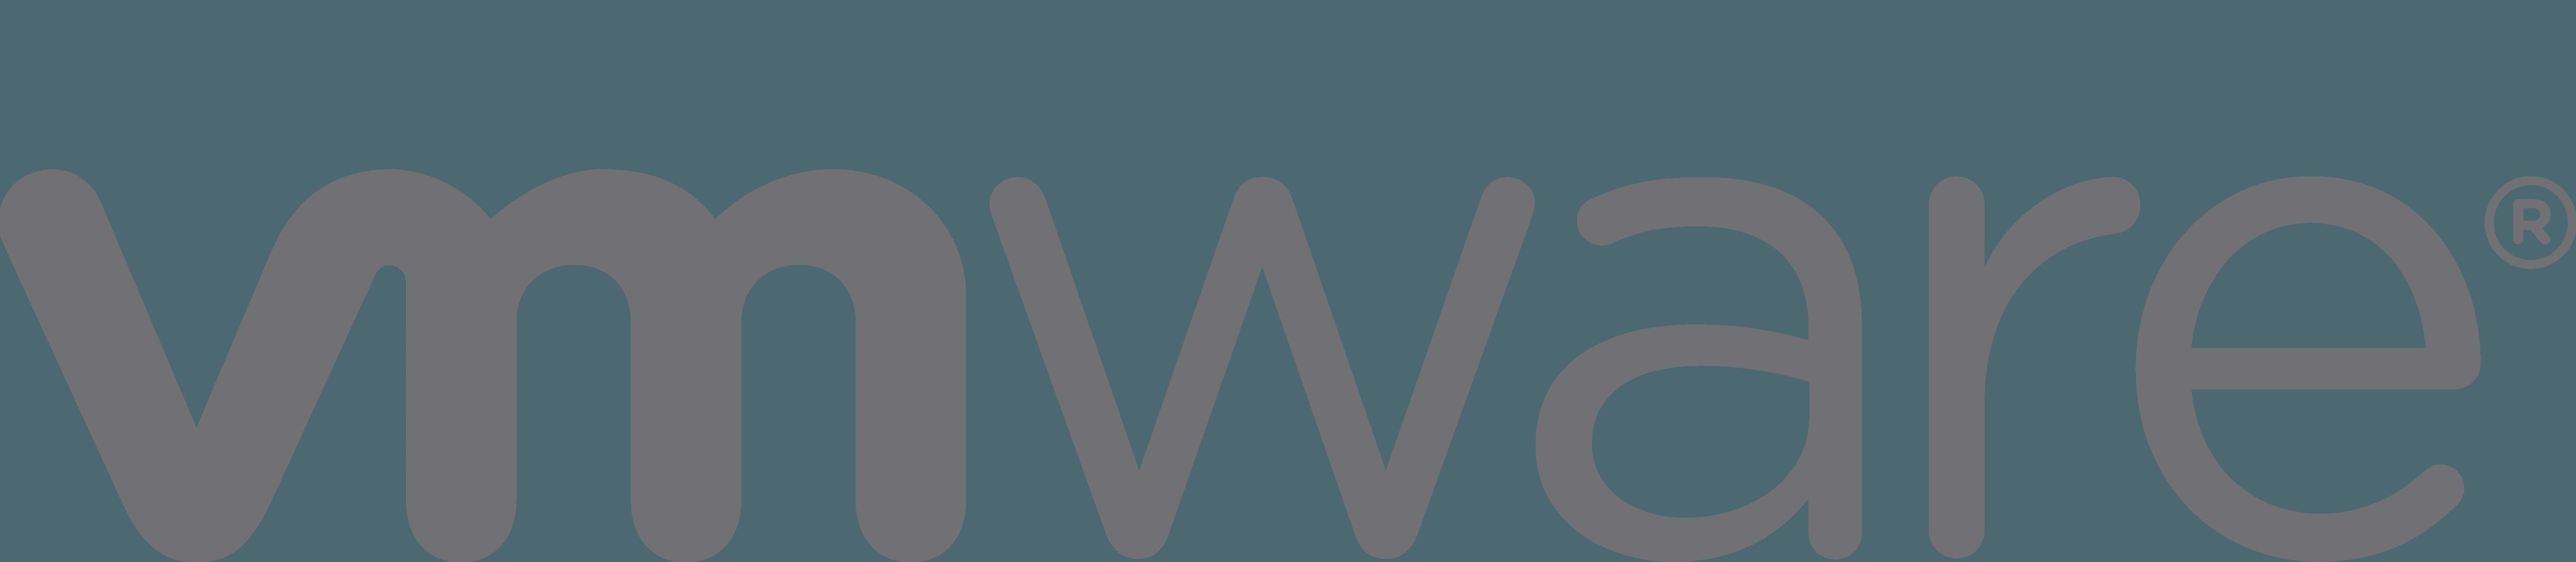 Vmware Logo - Pluspng - Vmware Logo PNG